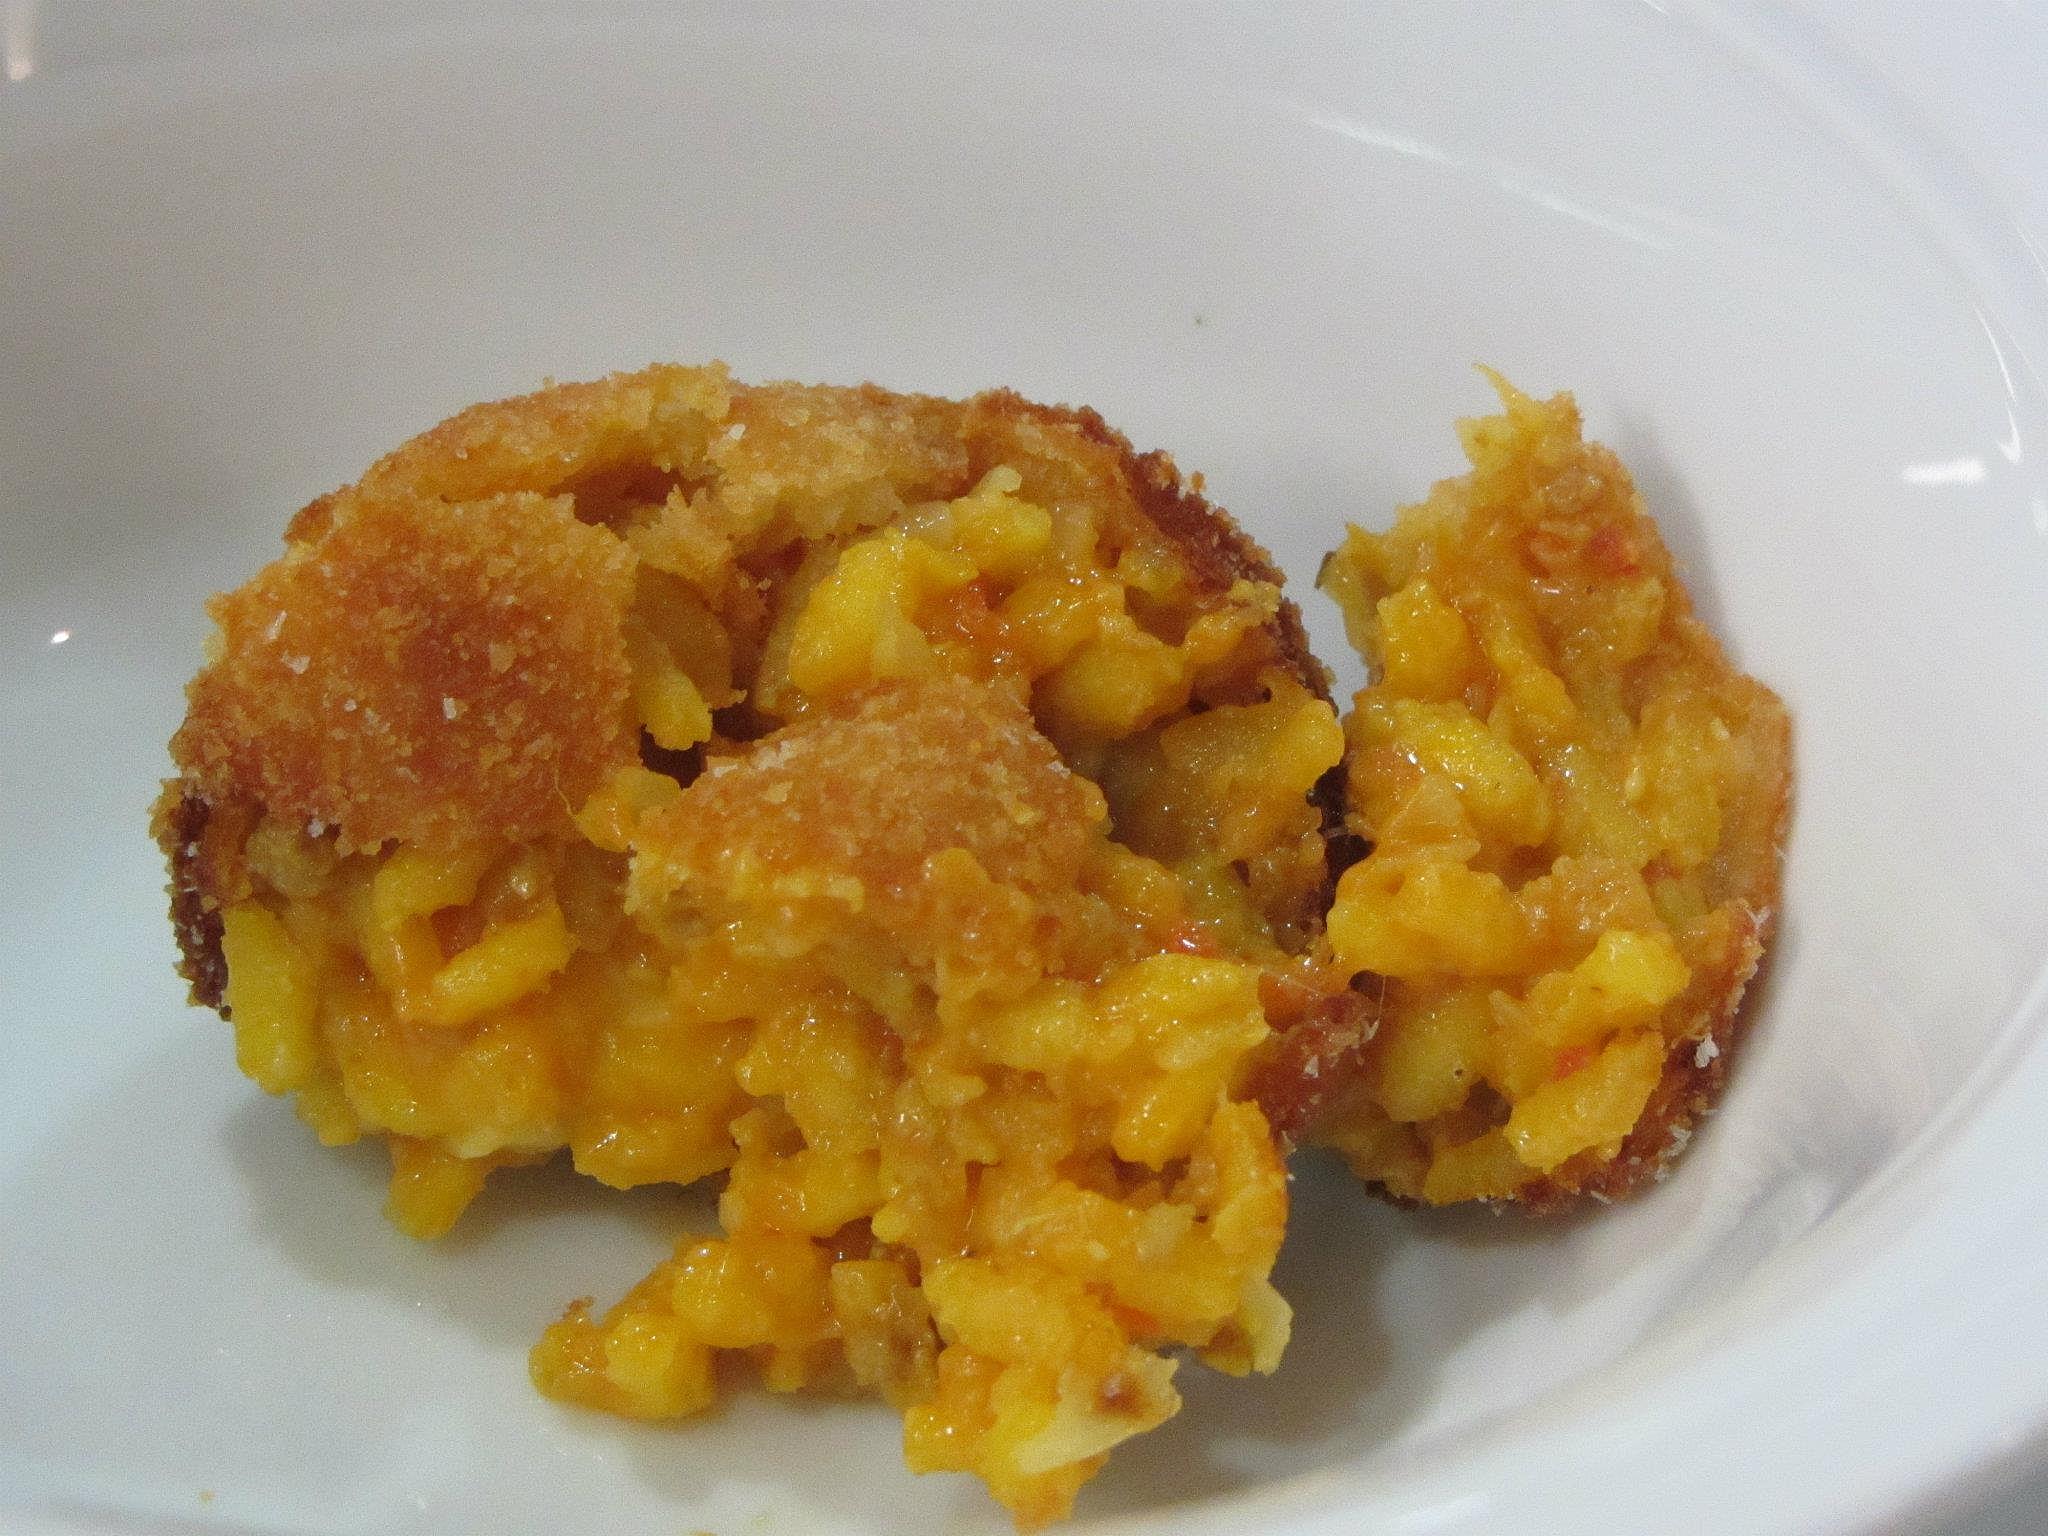 Arancino with saffron and mozzarella.